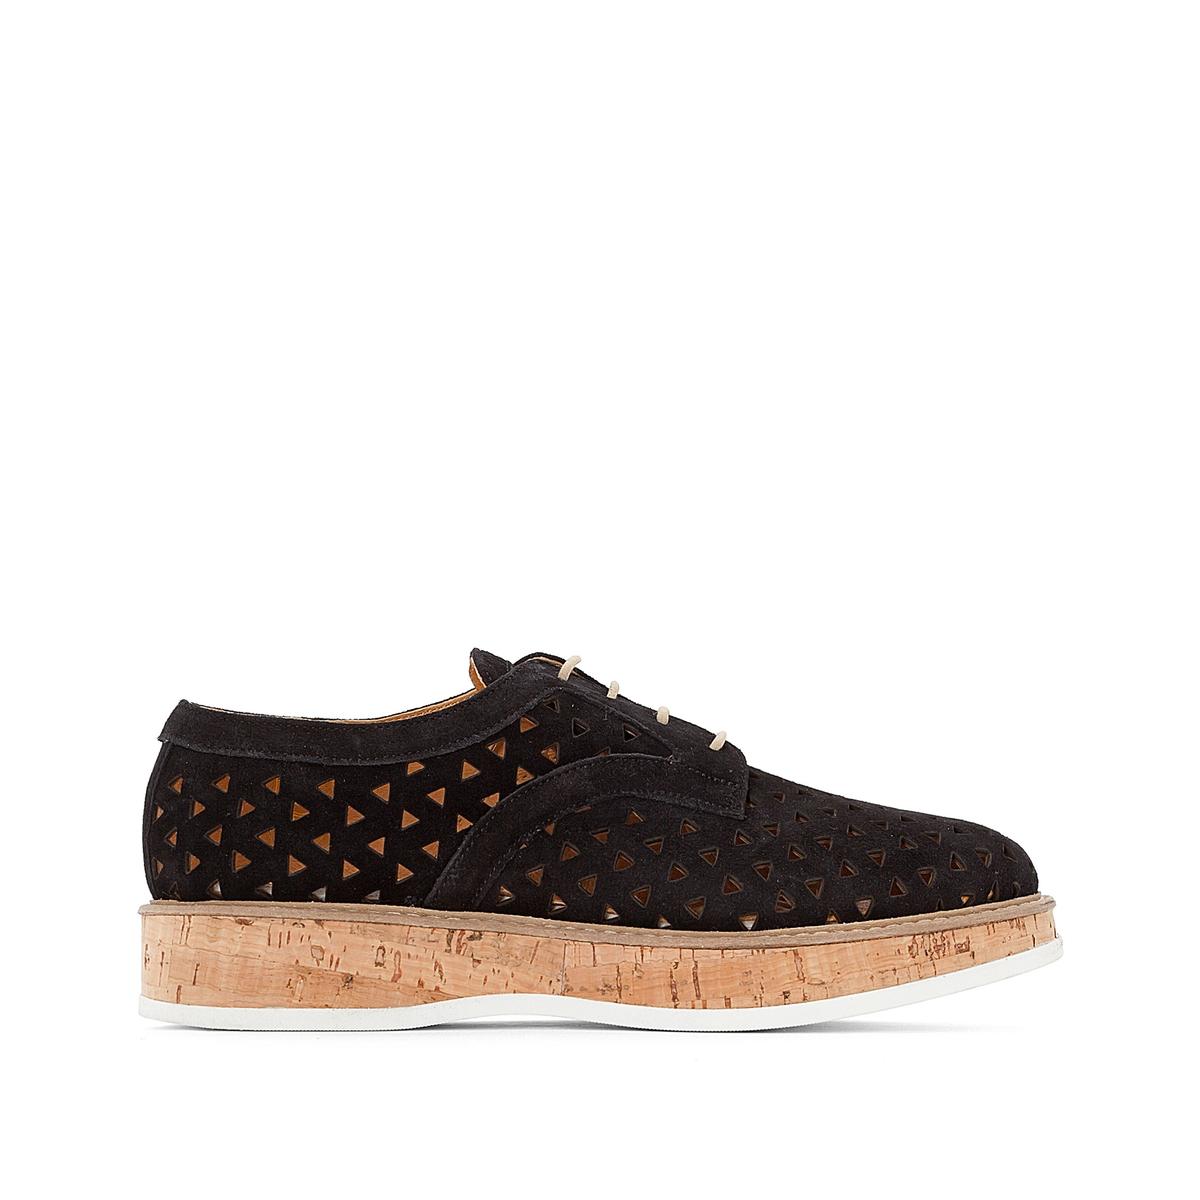 Ботинки-дерби на платформе из ажурной велюровой кожи, Malou ботинки дерби